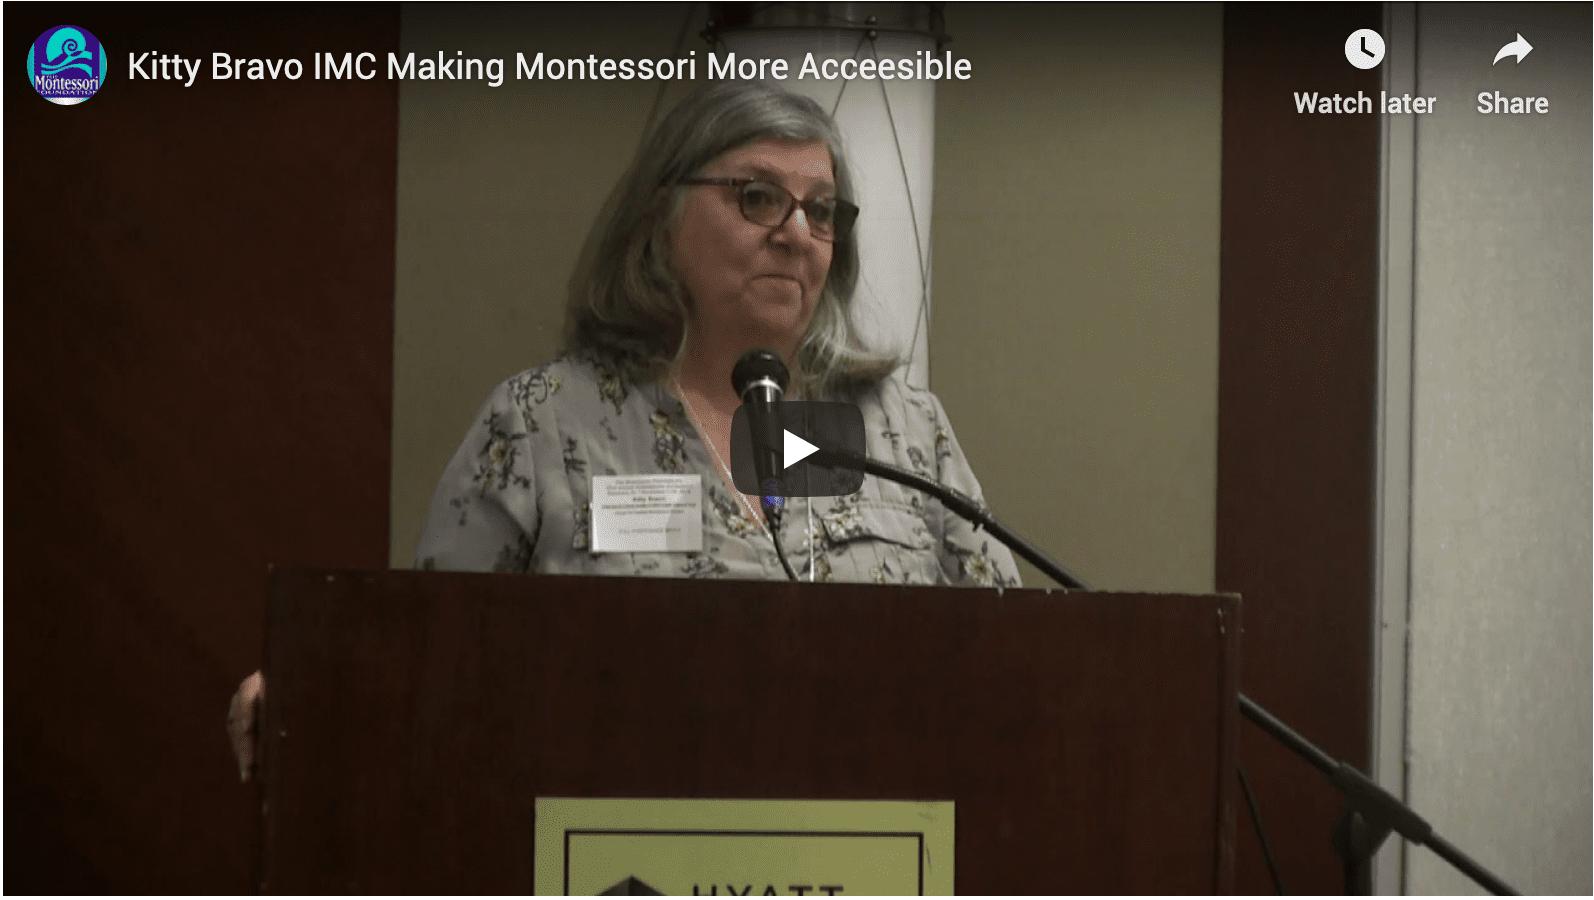 The IMC – Making Montessori More Accessible